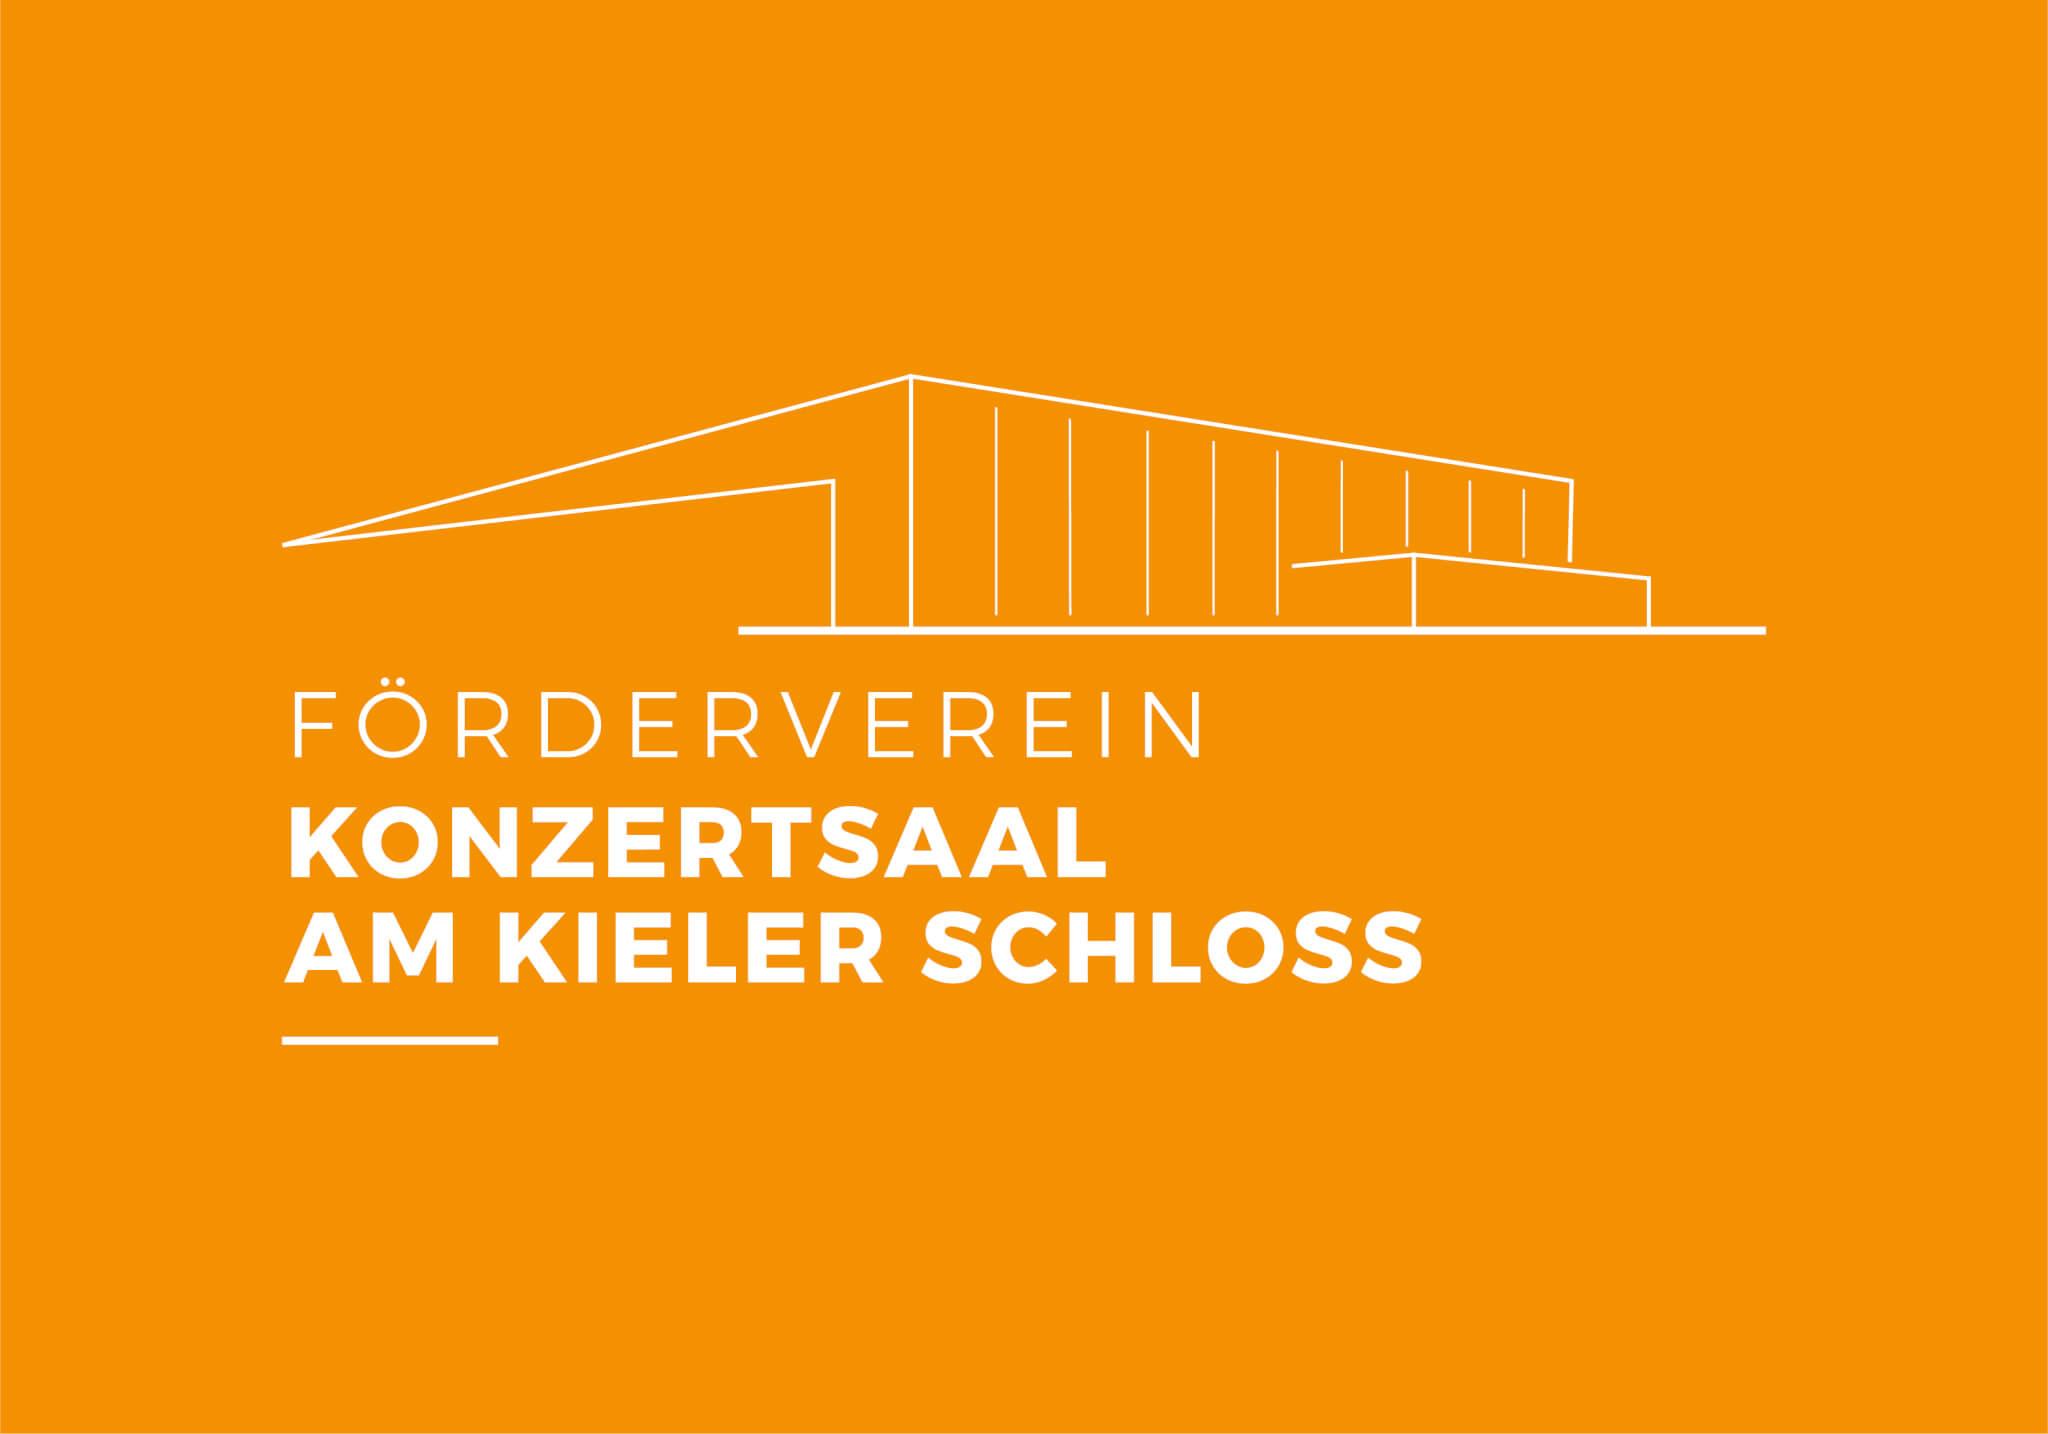 Stamp_Media_Foerderverein_Konzertsaal_am_Kieler_Schloss_750x525px